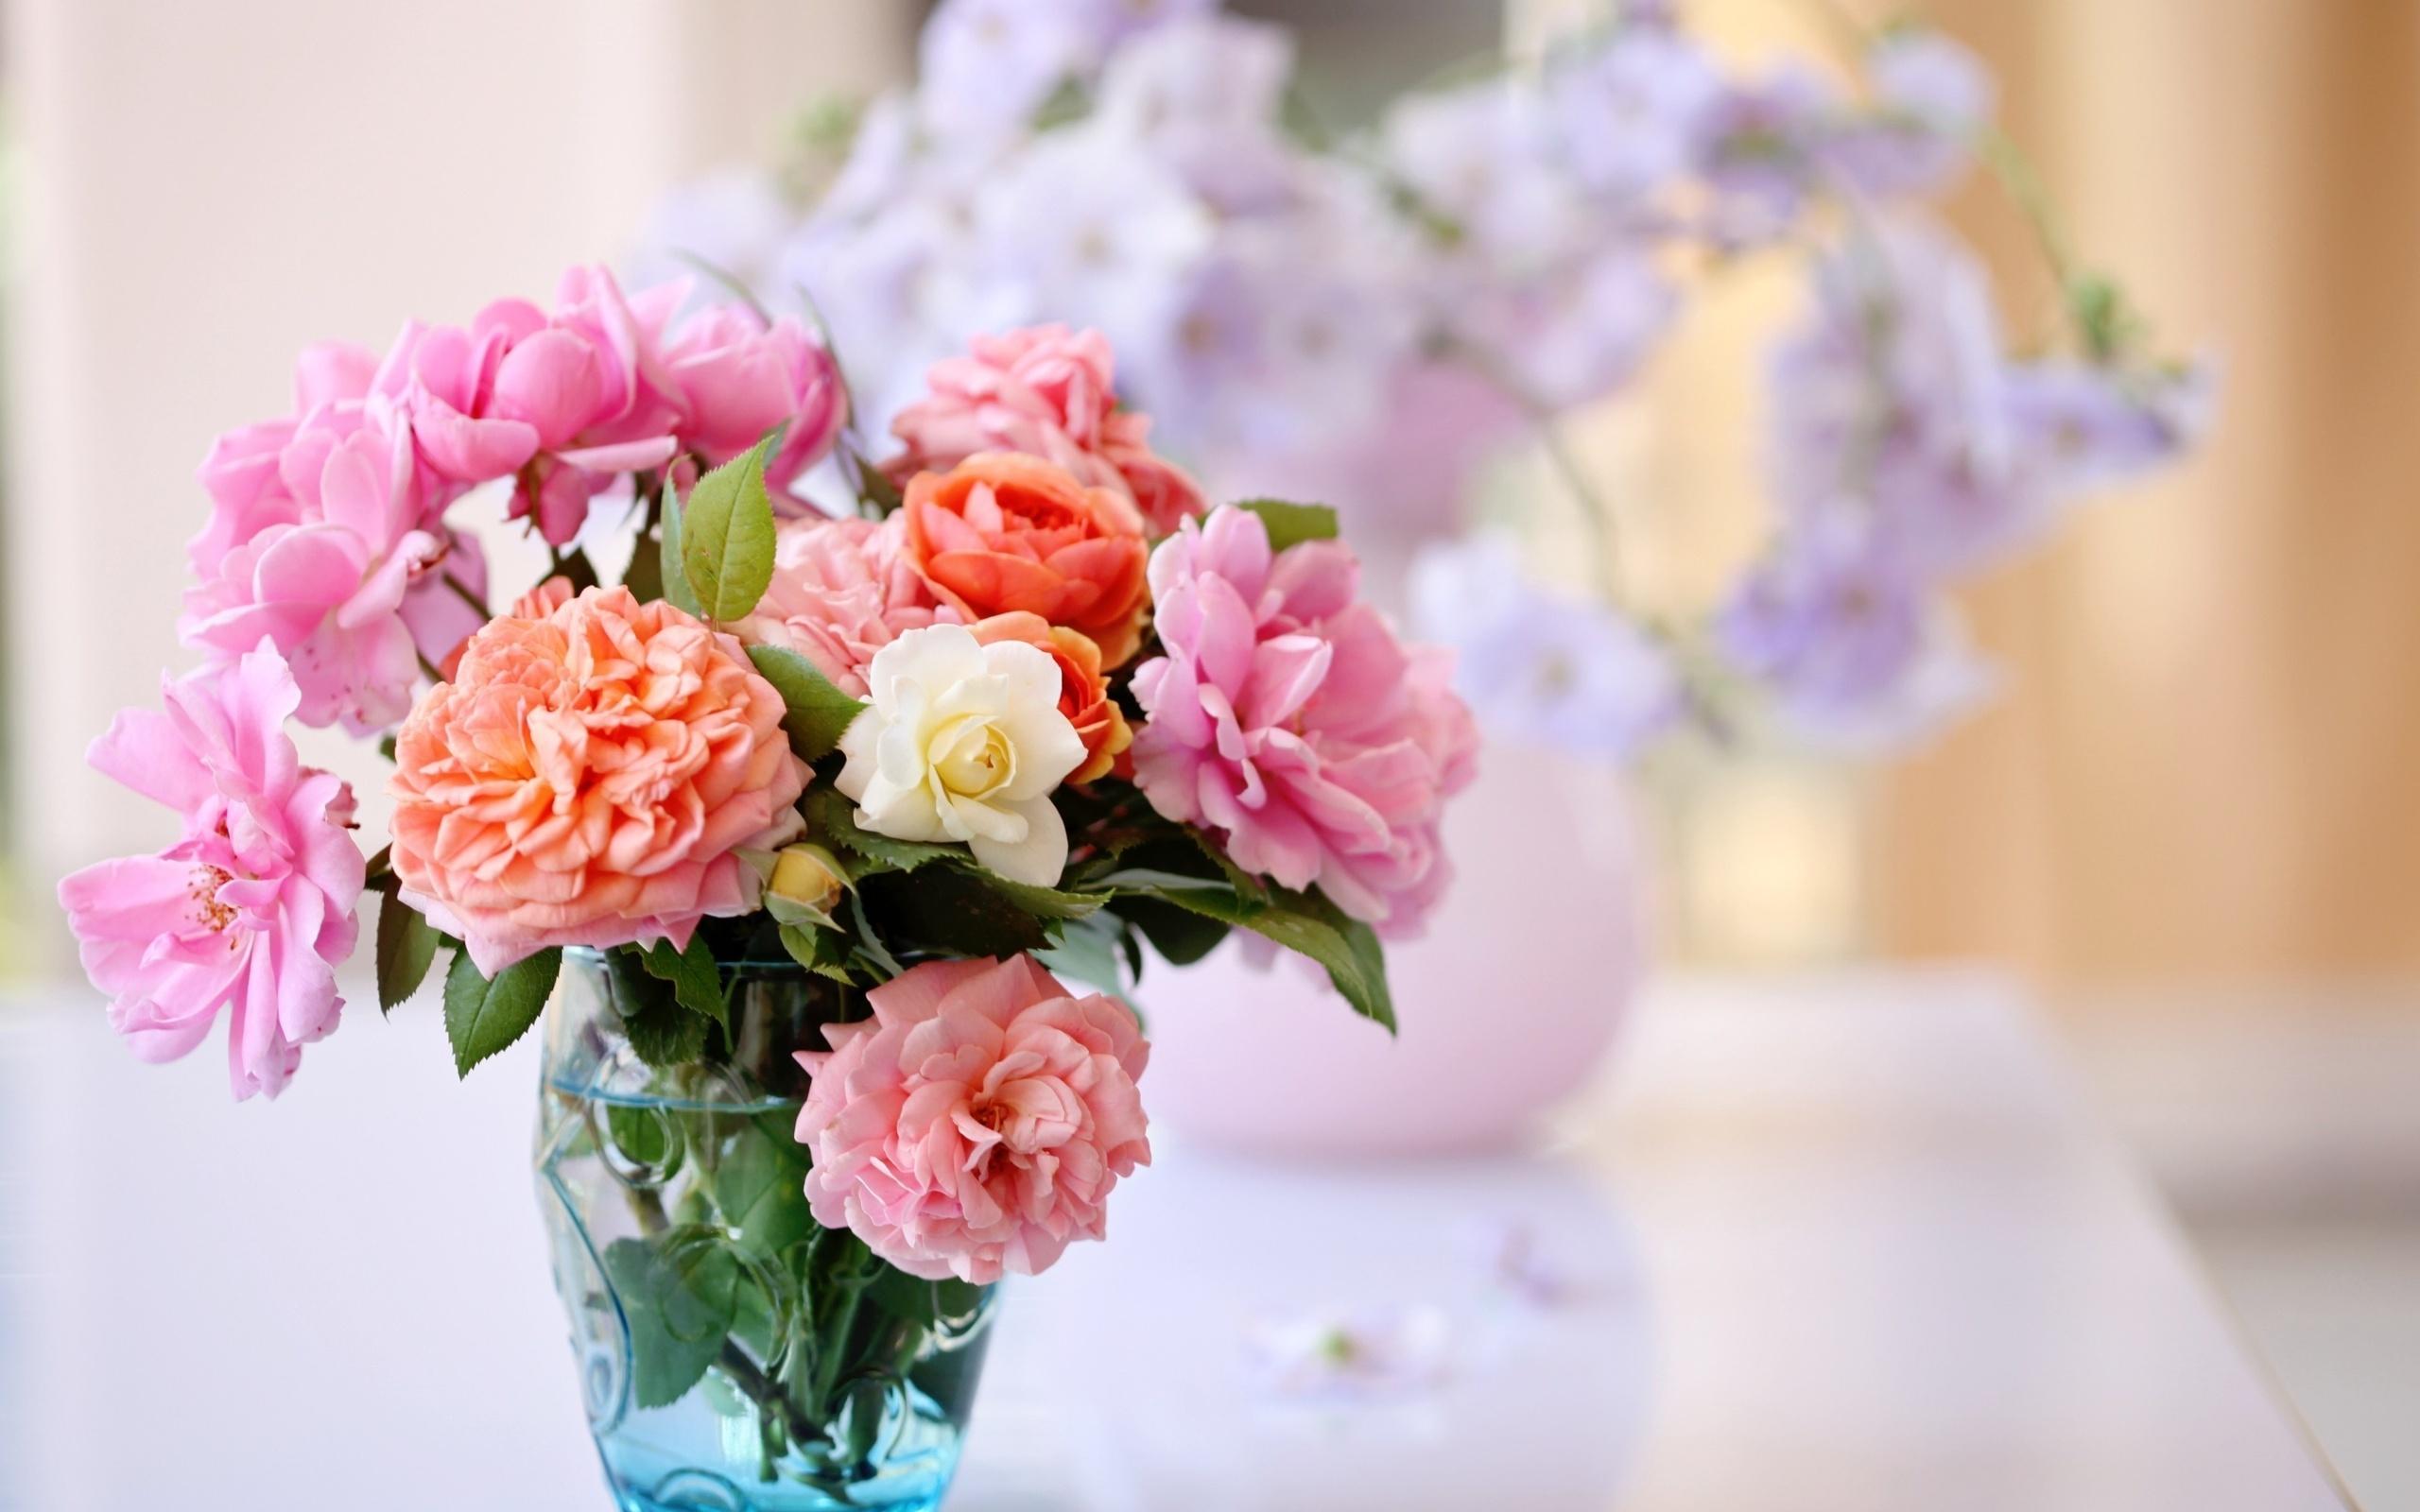 цветочки в вазе скачать